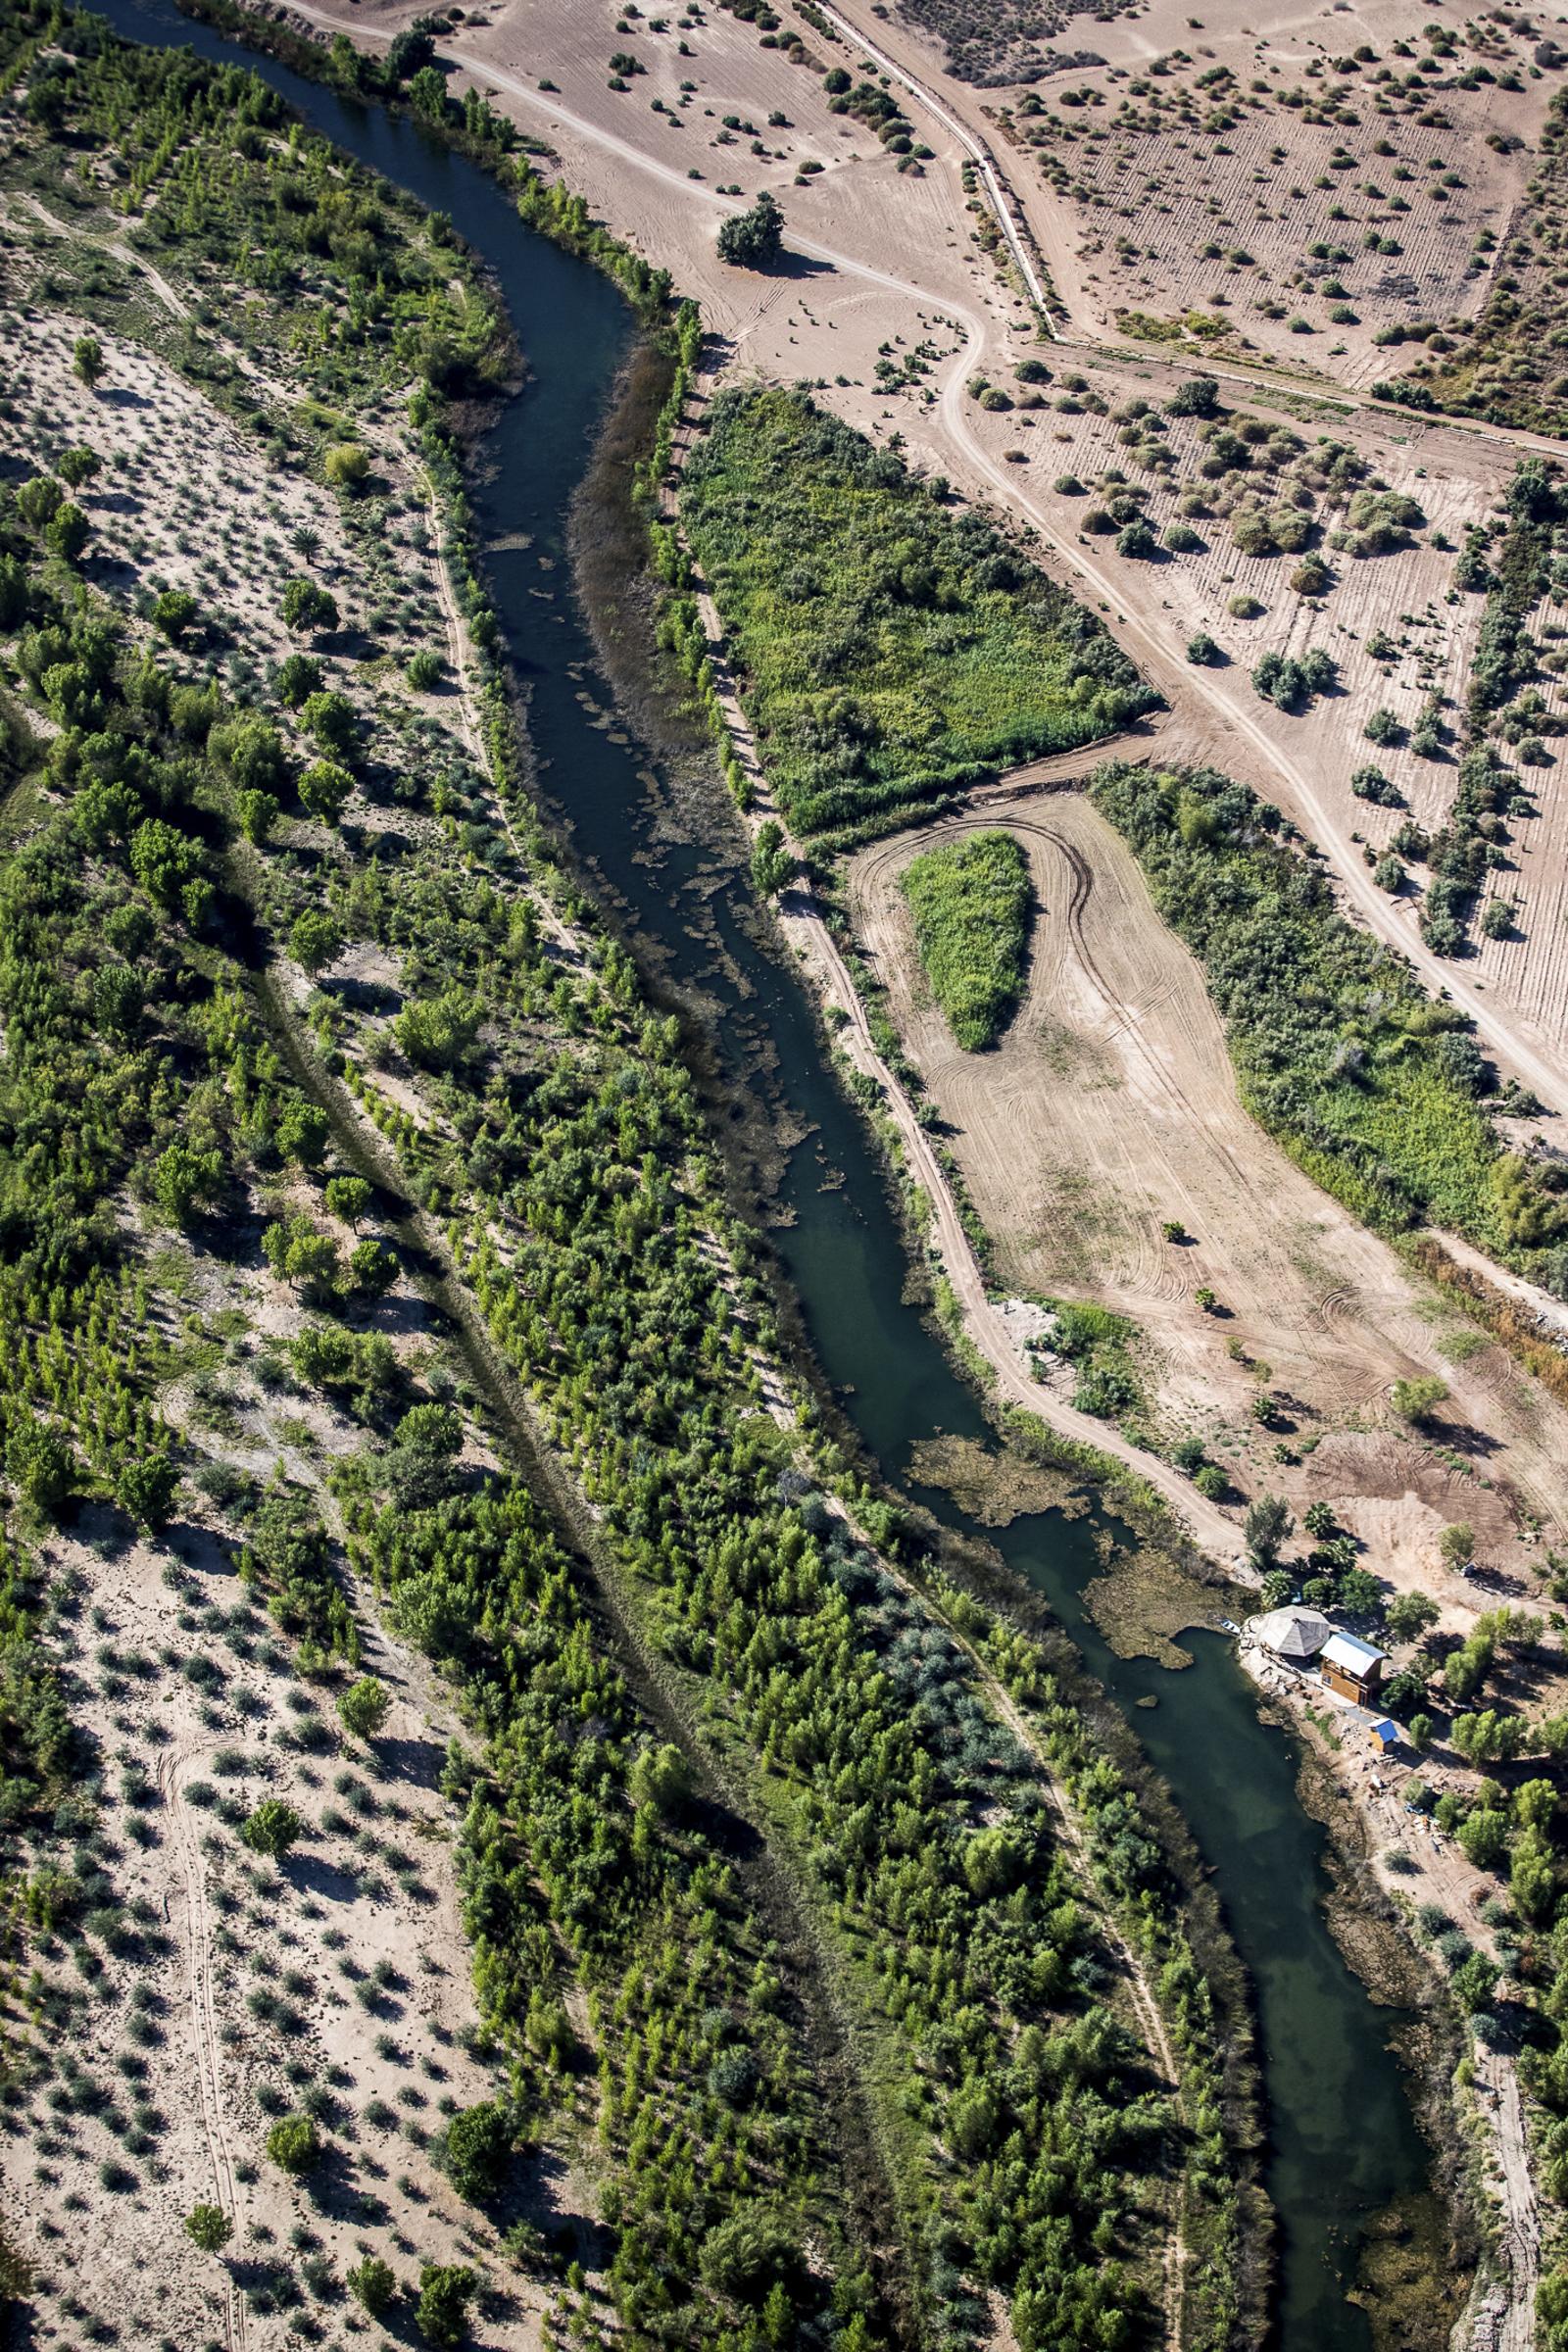 Riparian habitat along the Colorado River Delta. Jennifer Pitt/Audubon